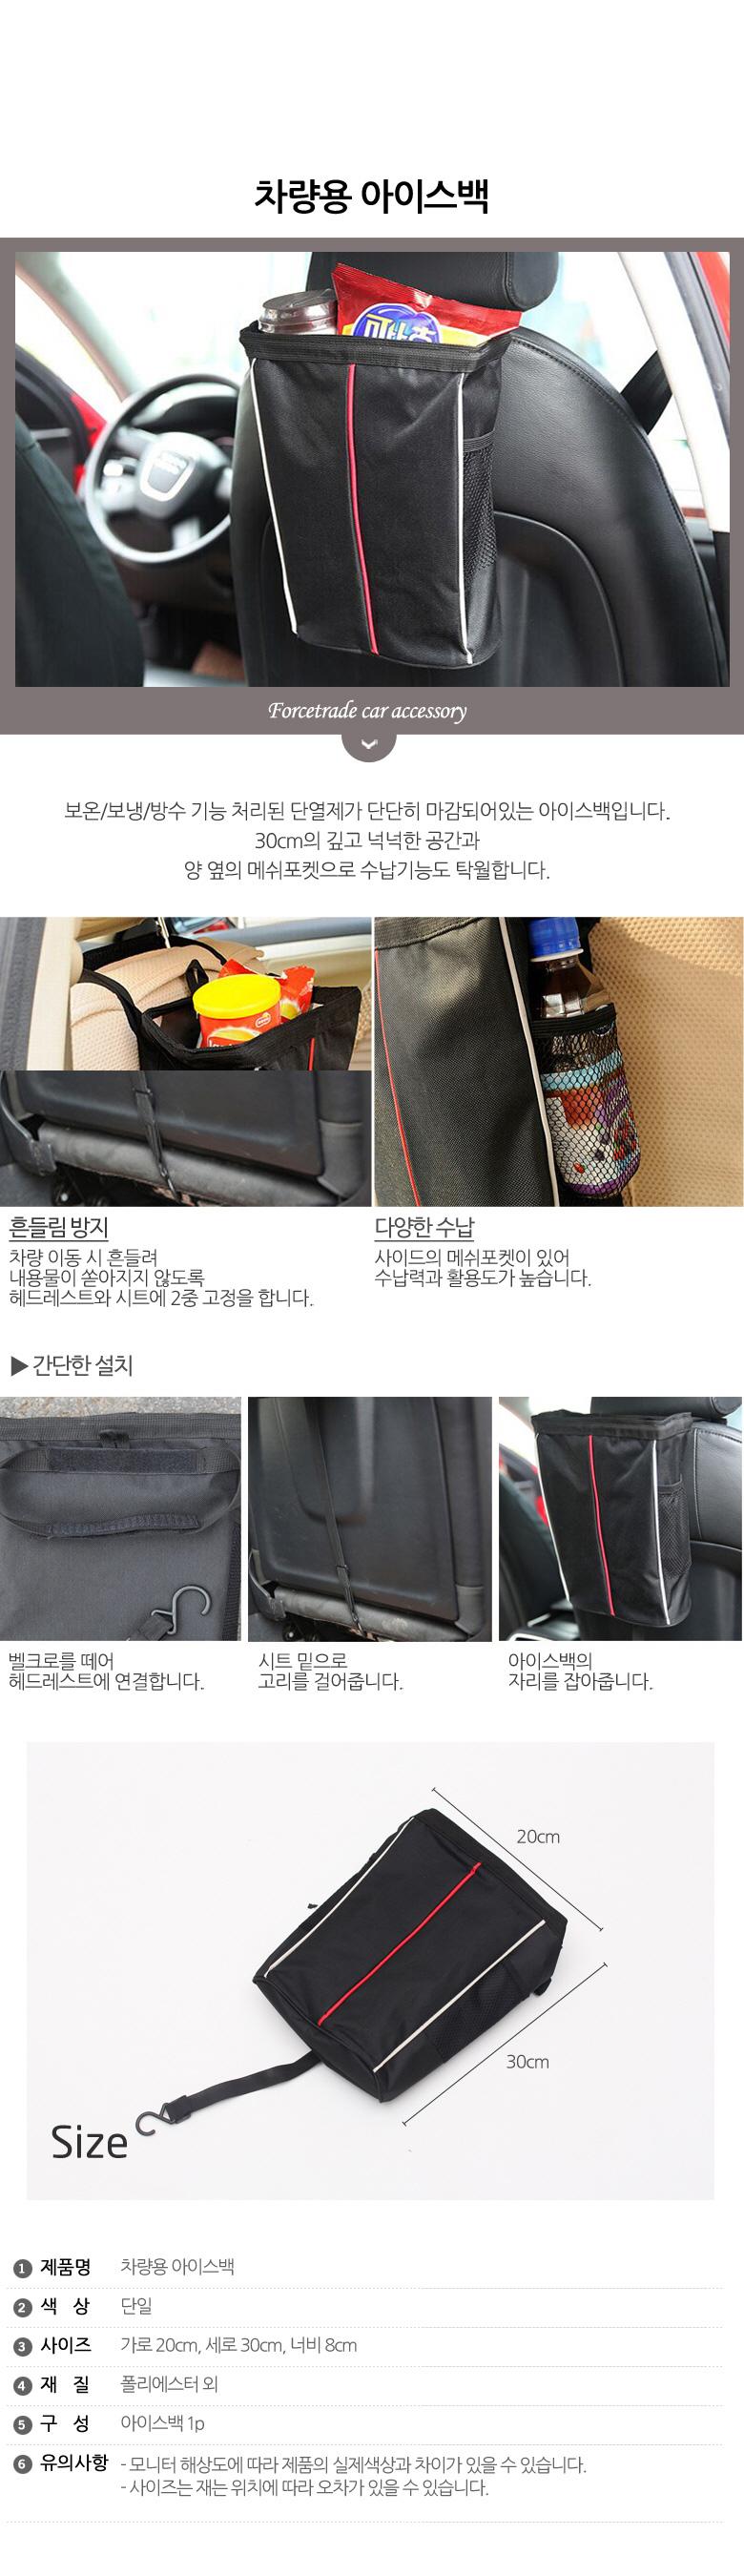 차량용 아이스백 차량용품 자동차용품 차량소품 - 포스트레이딩, 6,500원, 카인테리어, 실내 악세서리